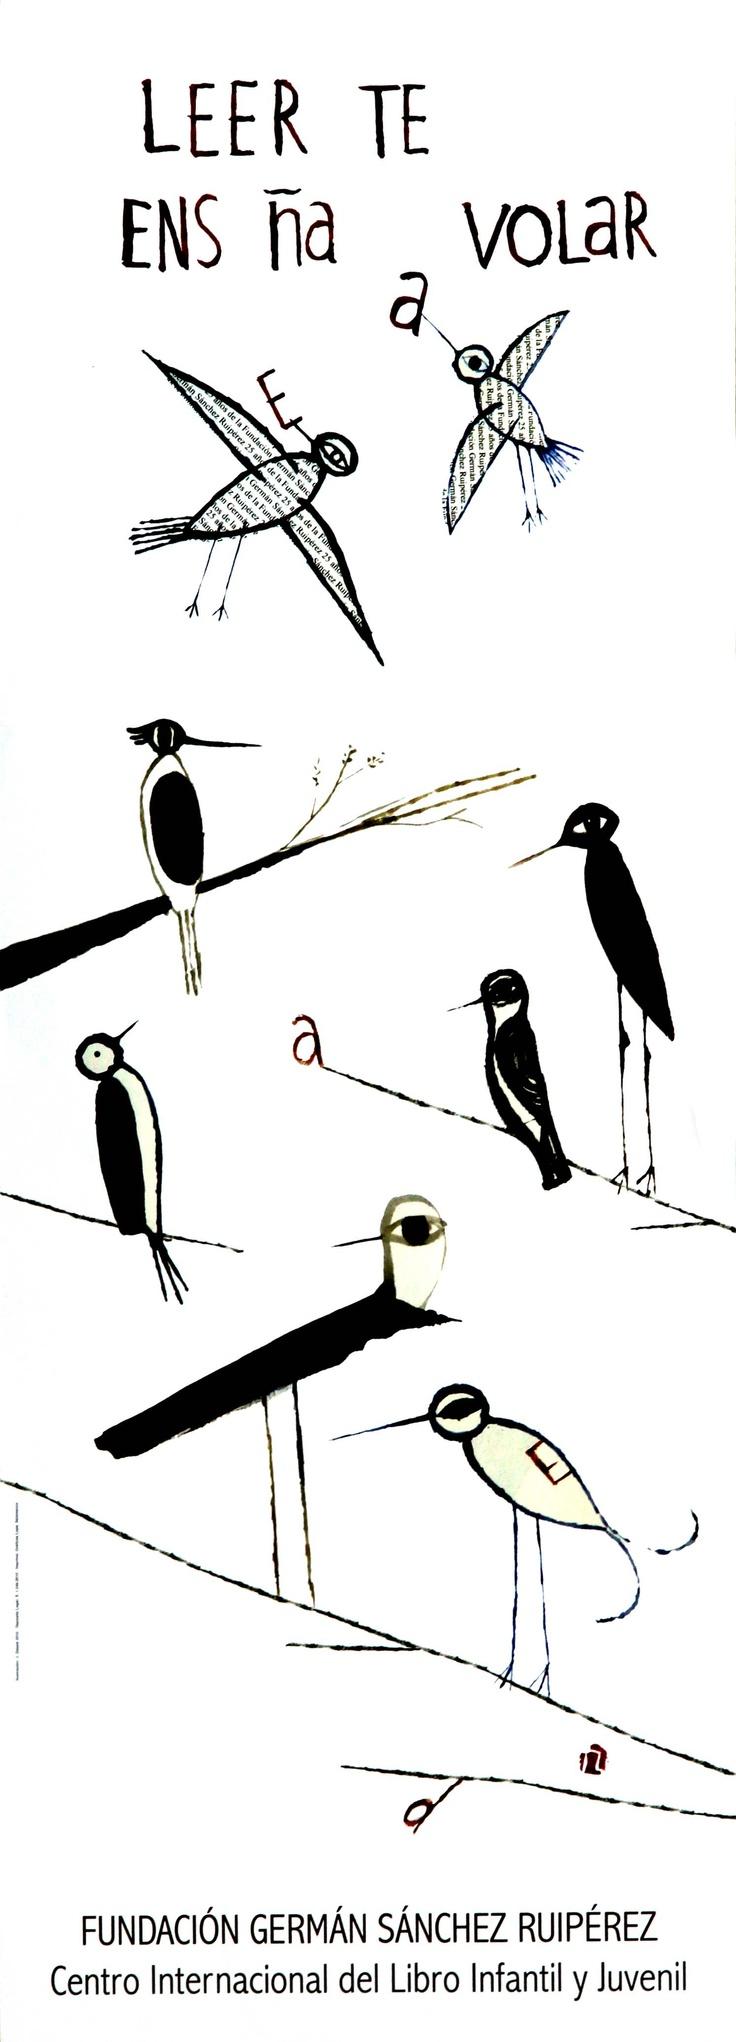 Leer te enseña a volar/ Ilustración J. Zabala (2010)